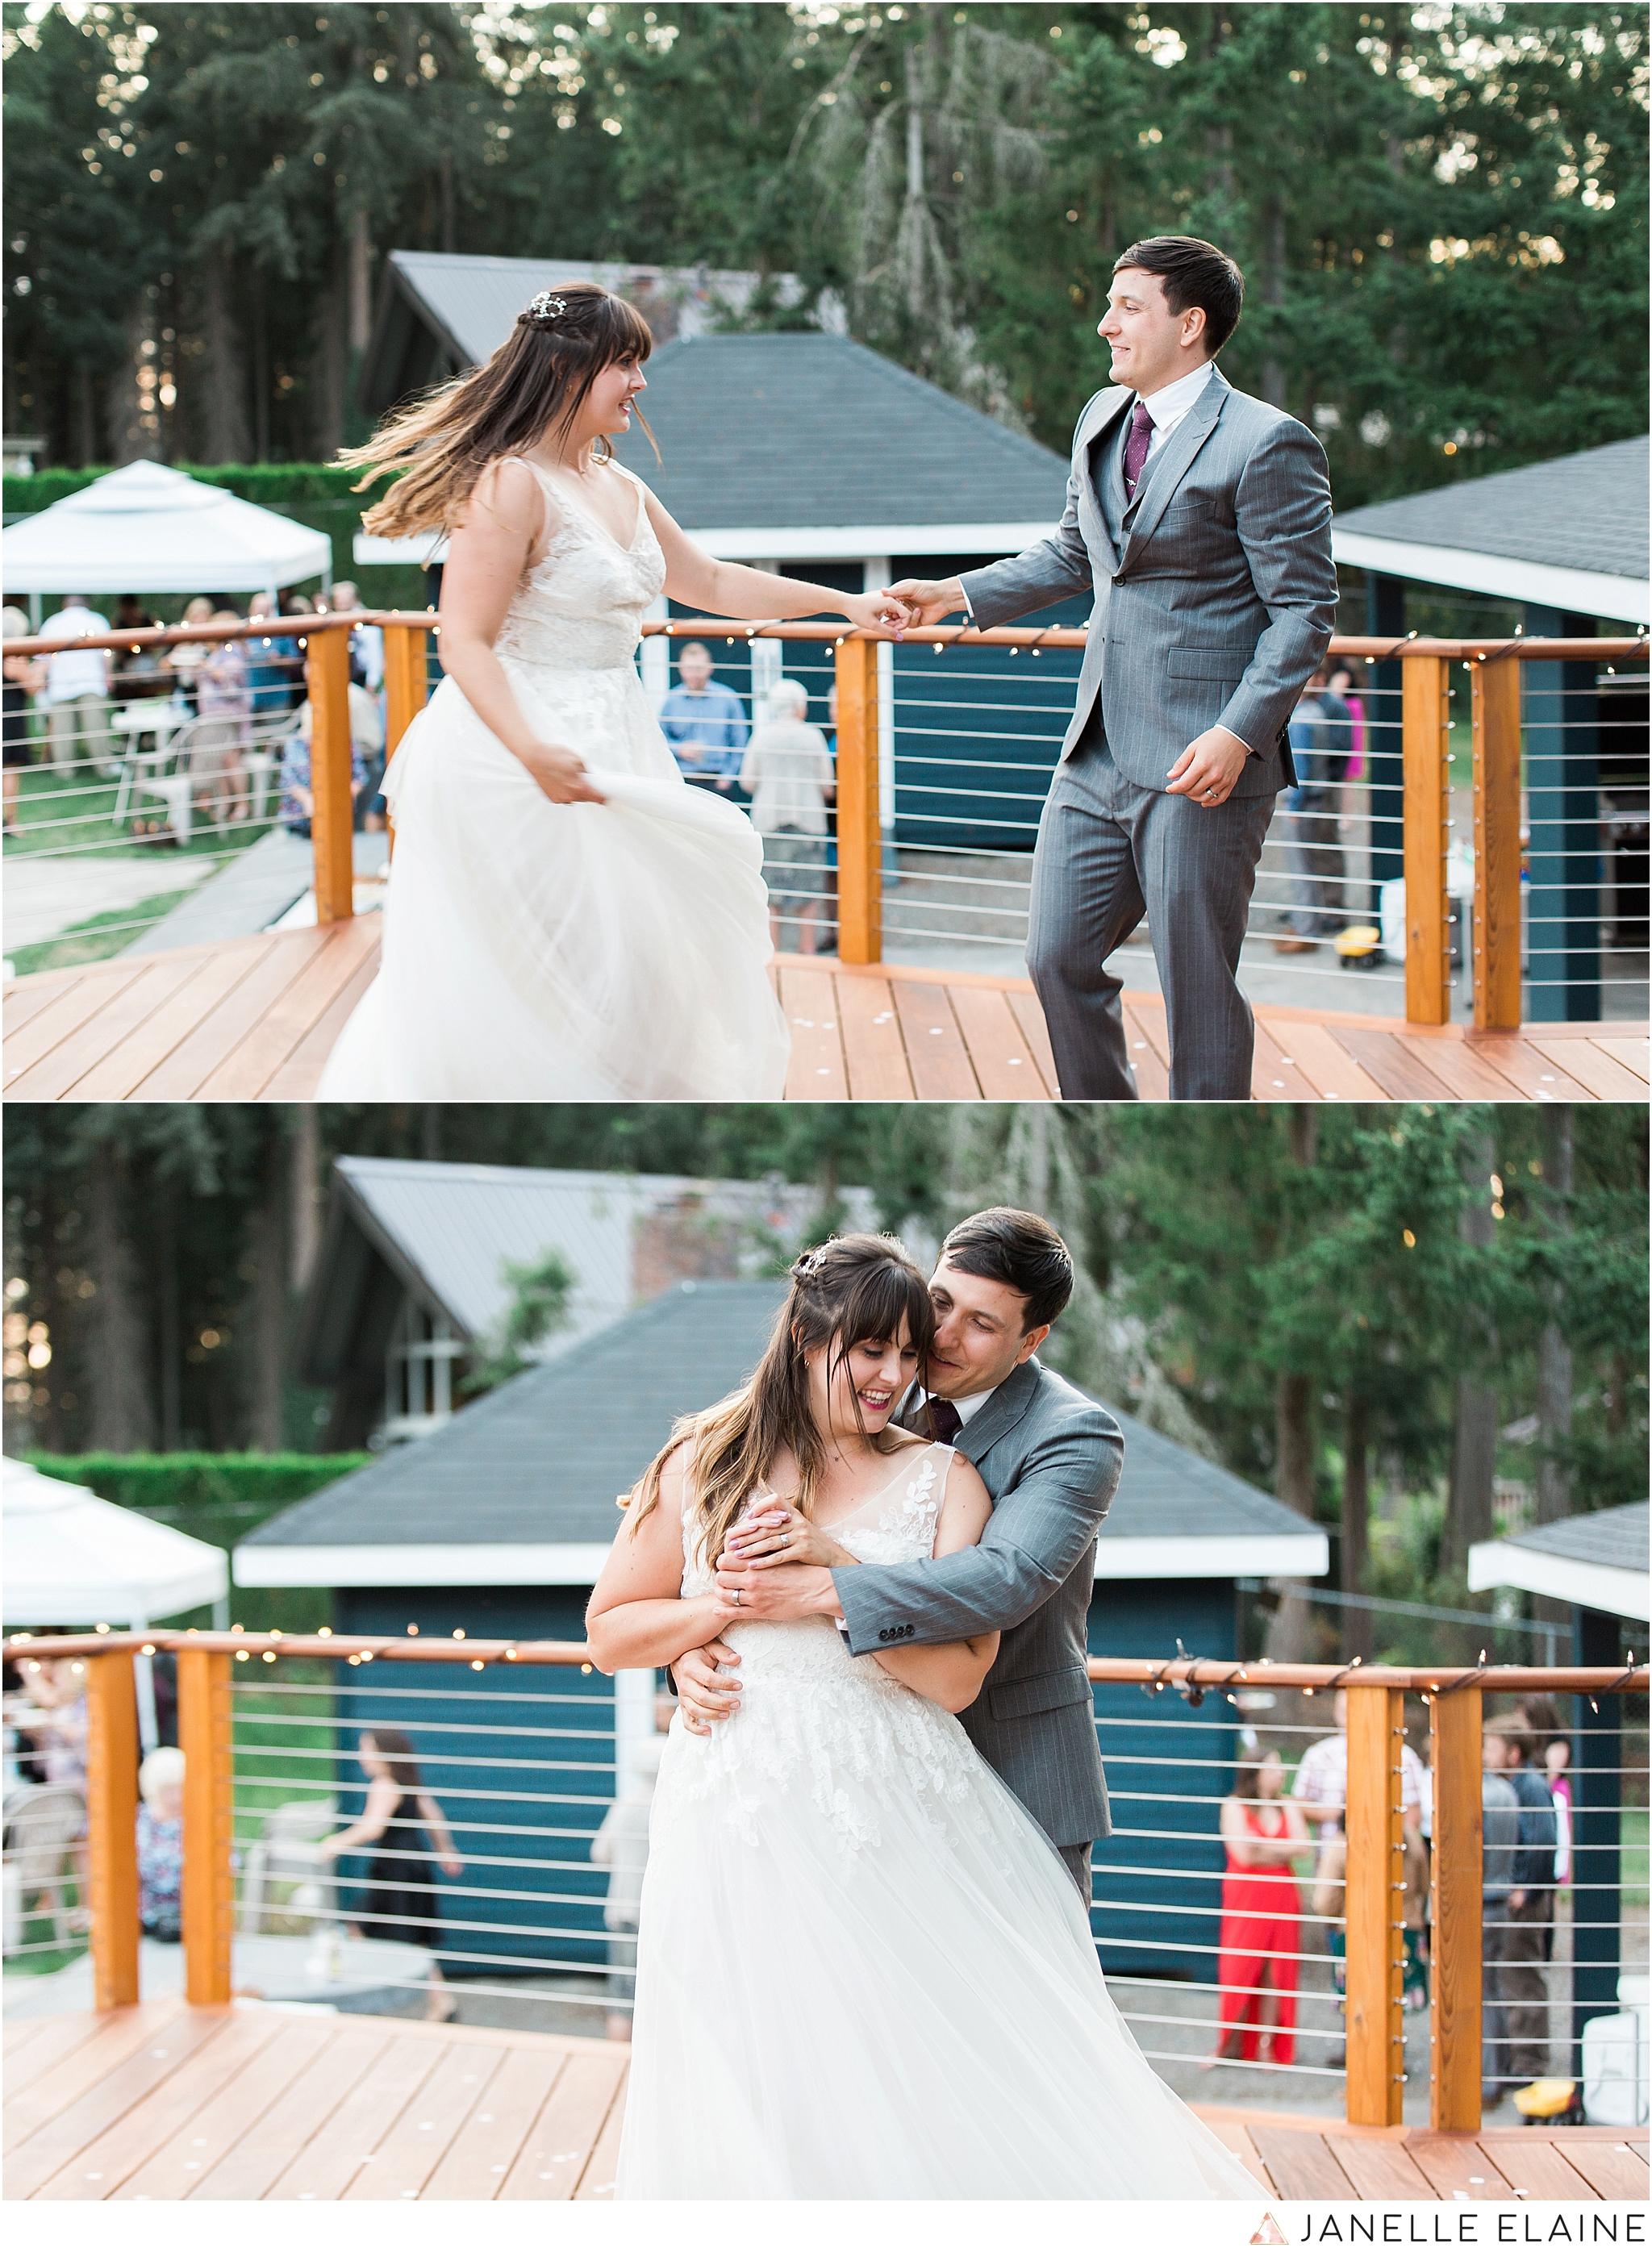 seattle-portrait-engagement-wedding-photographer-janelle-elaine-photography-82.jpg